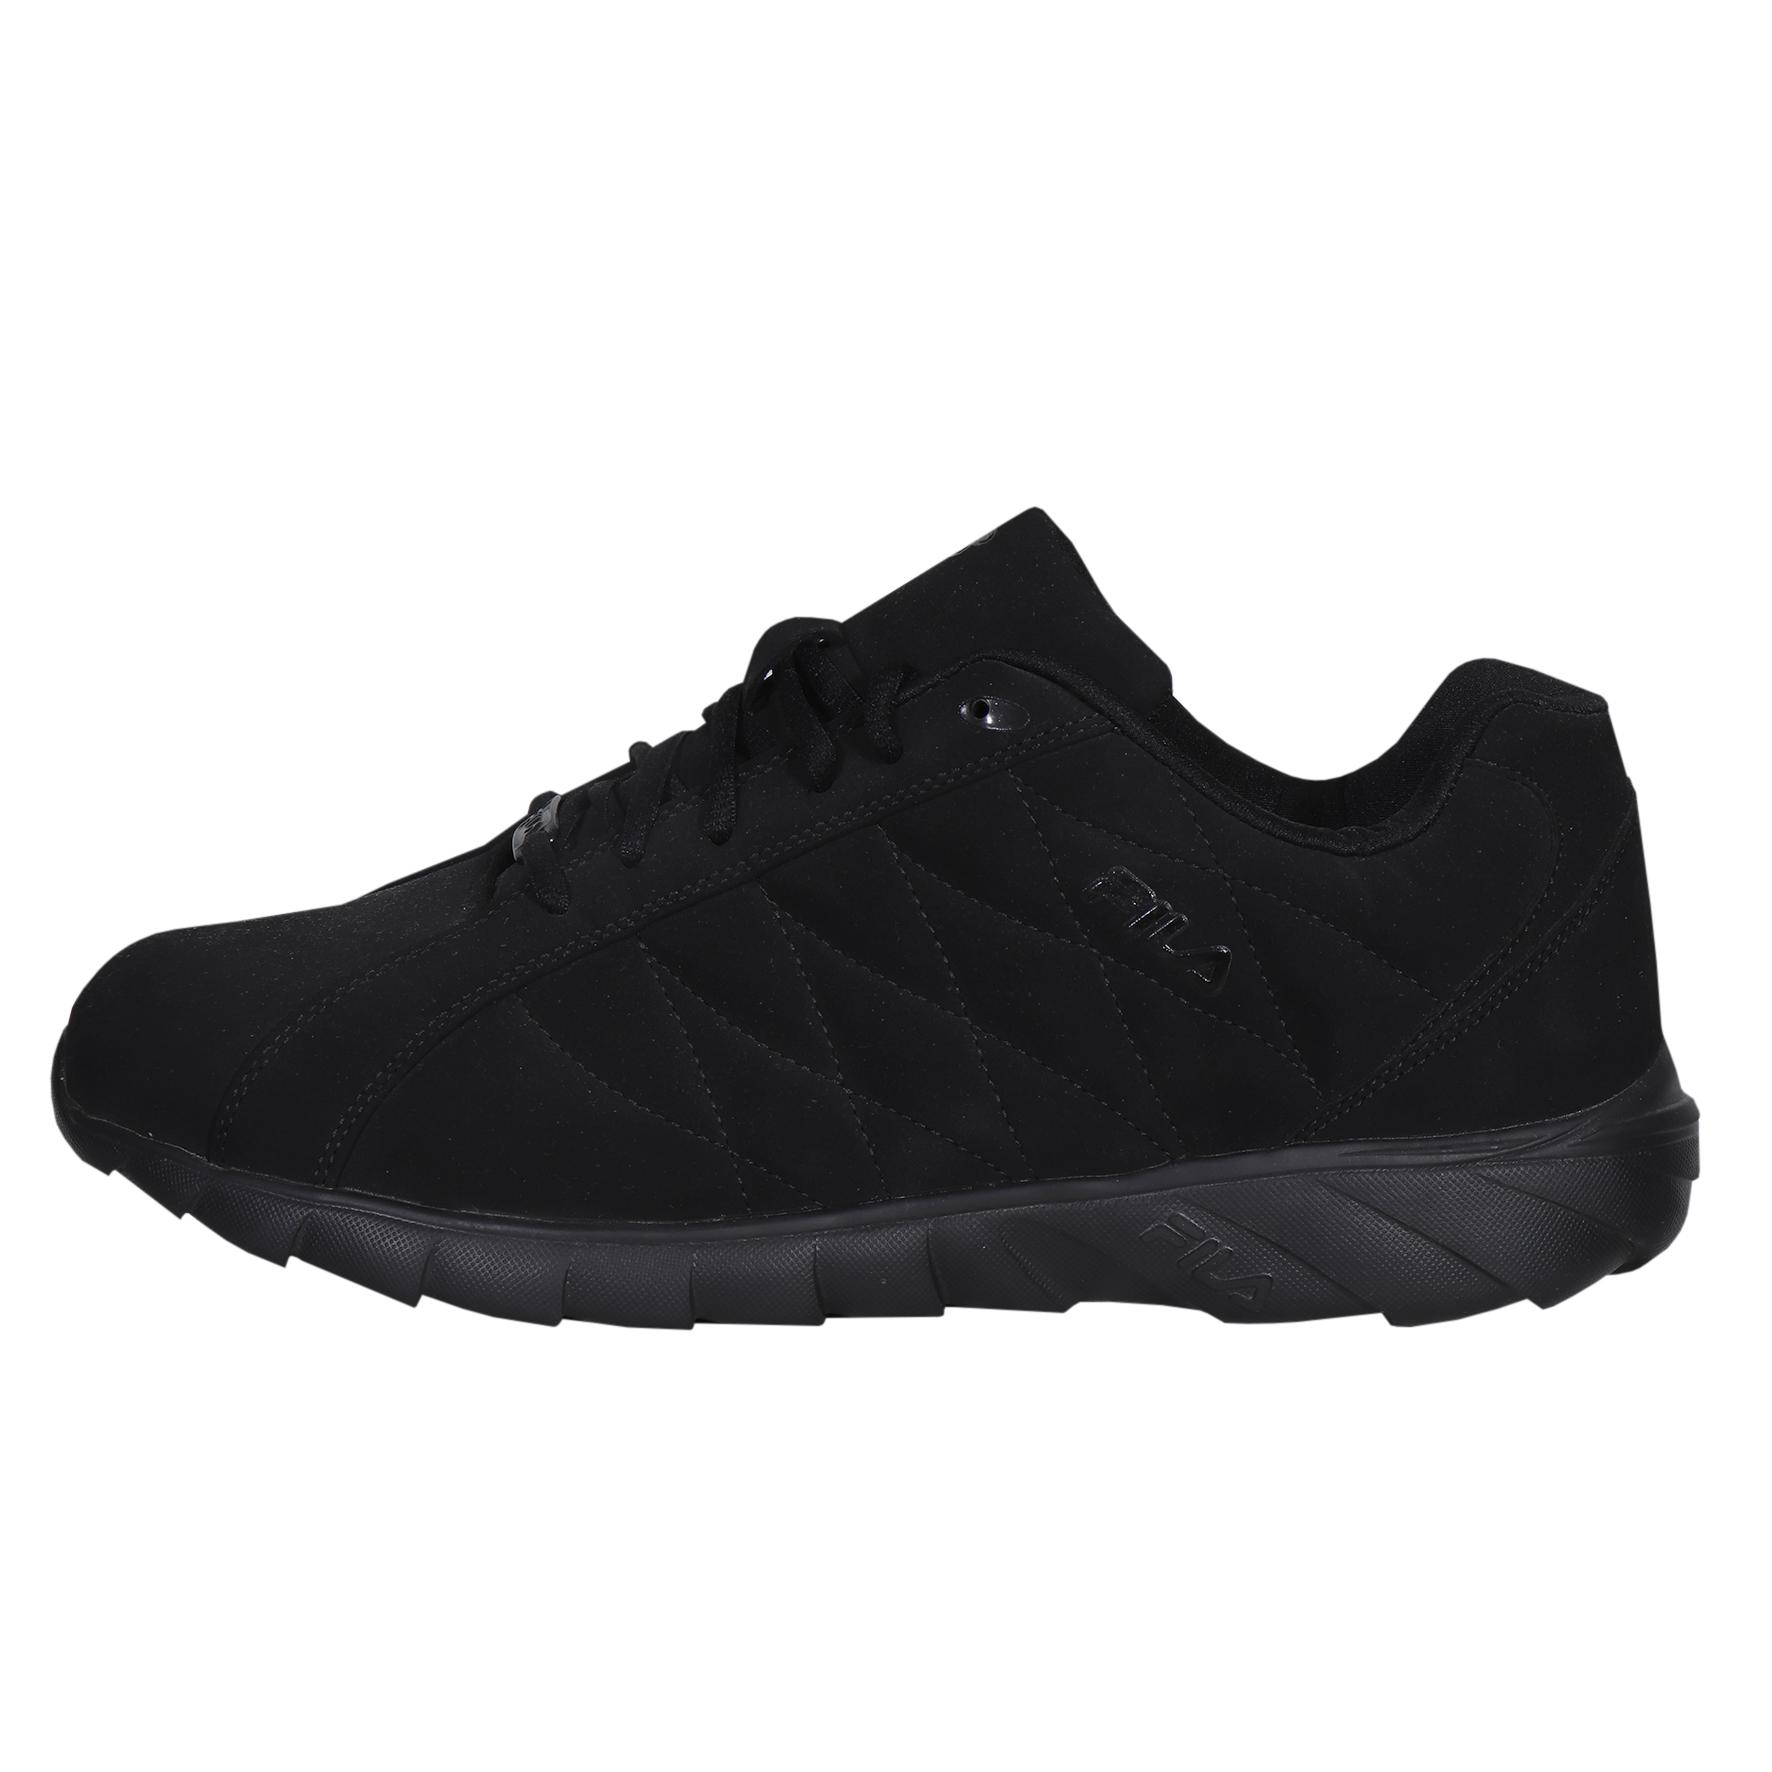 کفش پیاده روی مردانه فیلا مدل 5809